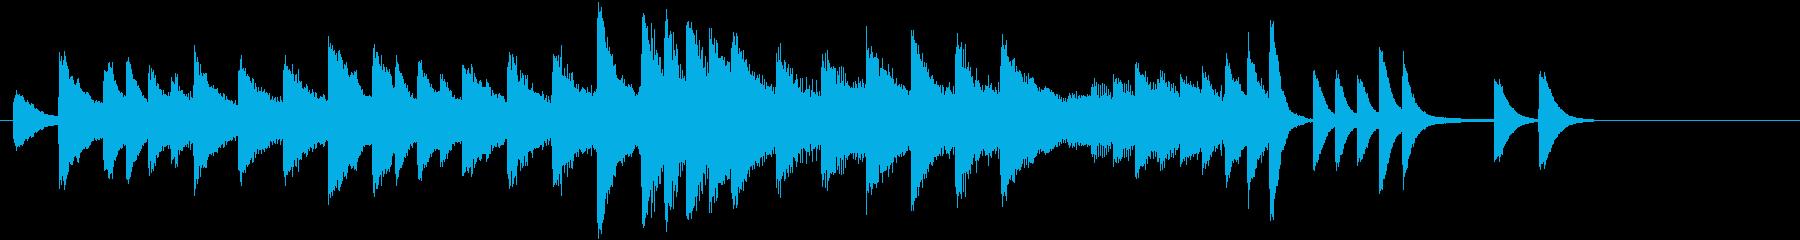 クリスマスおめでとうピアノジングルAの再生済みの波形